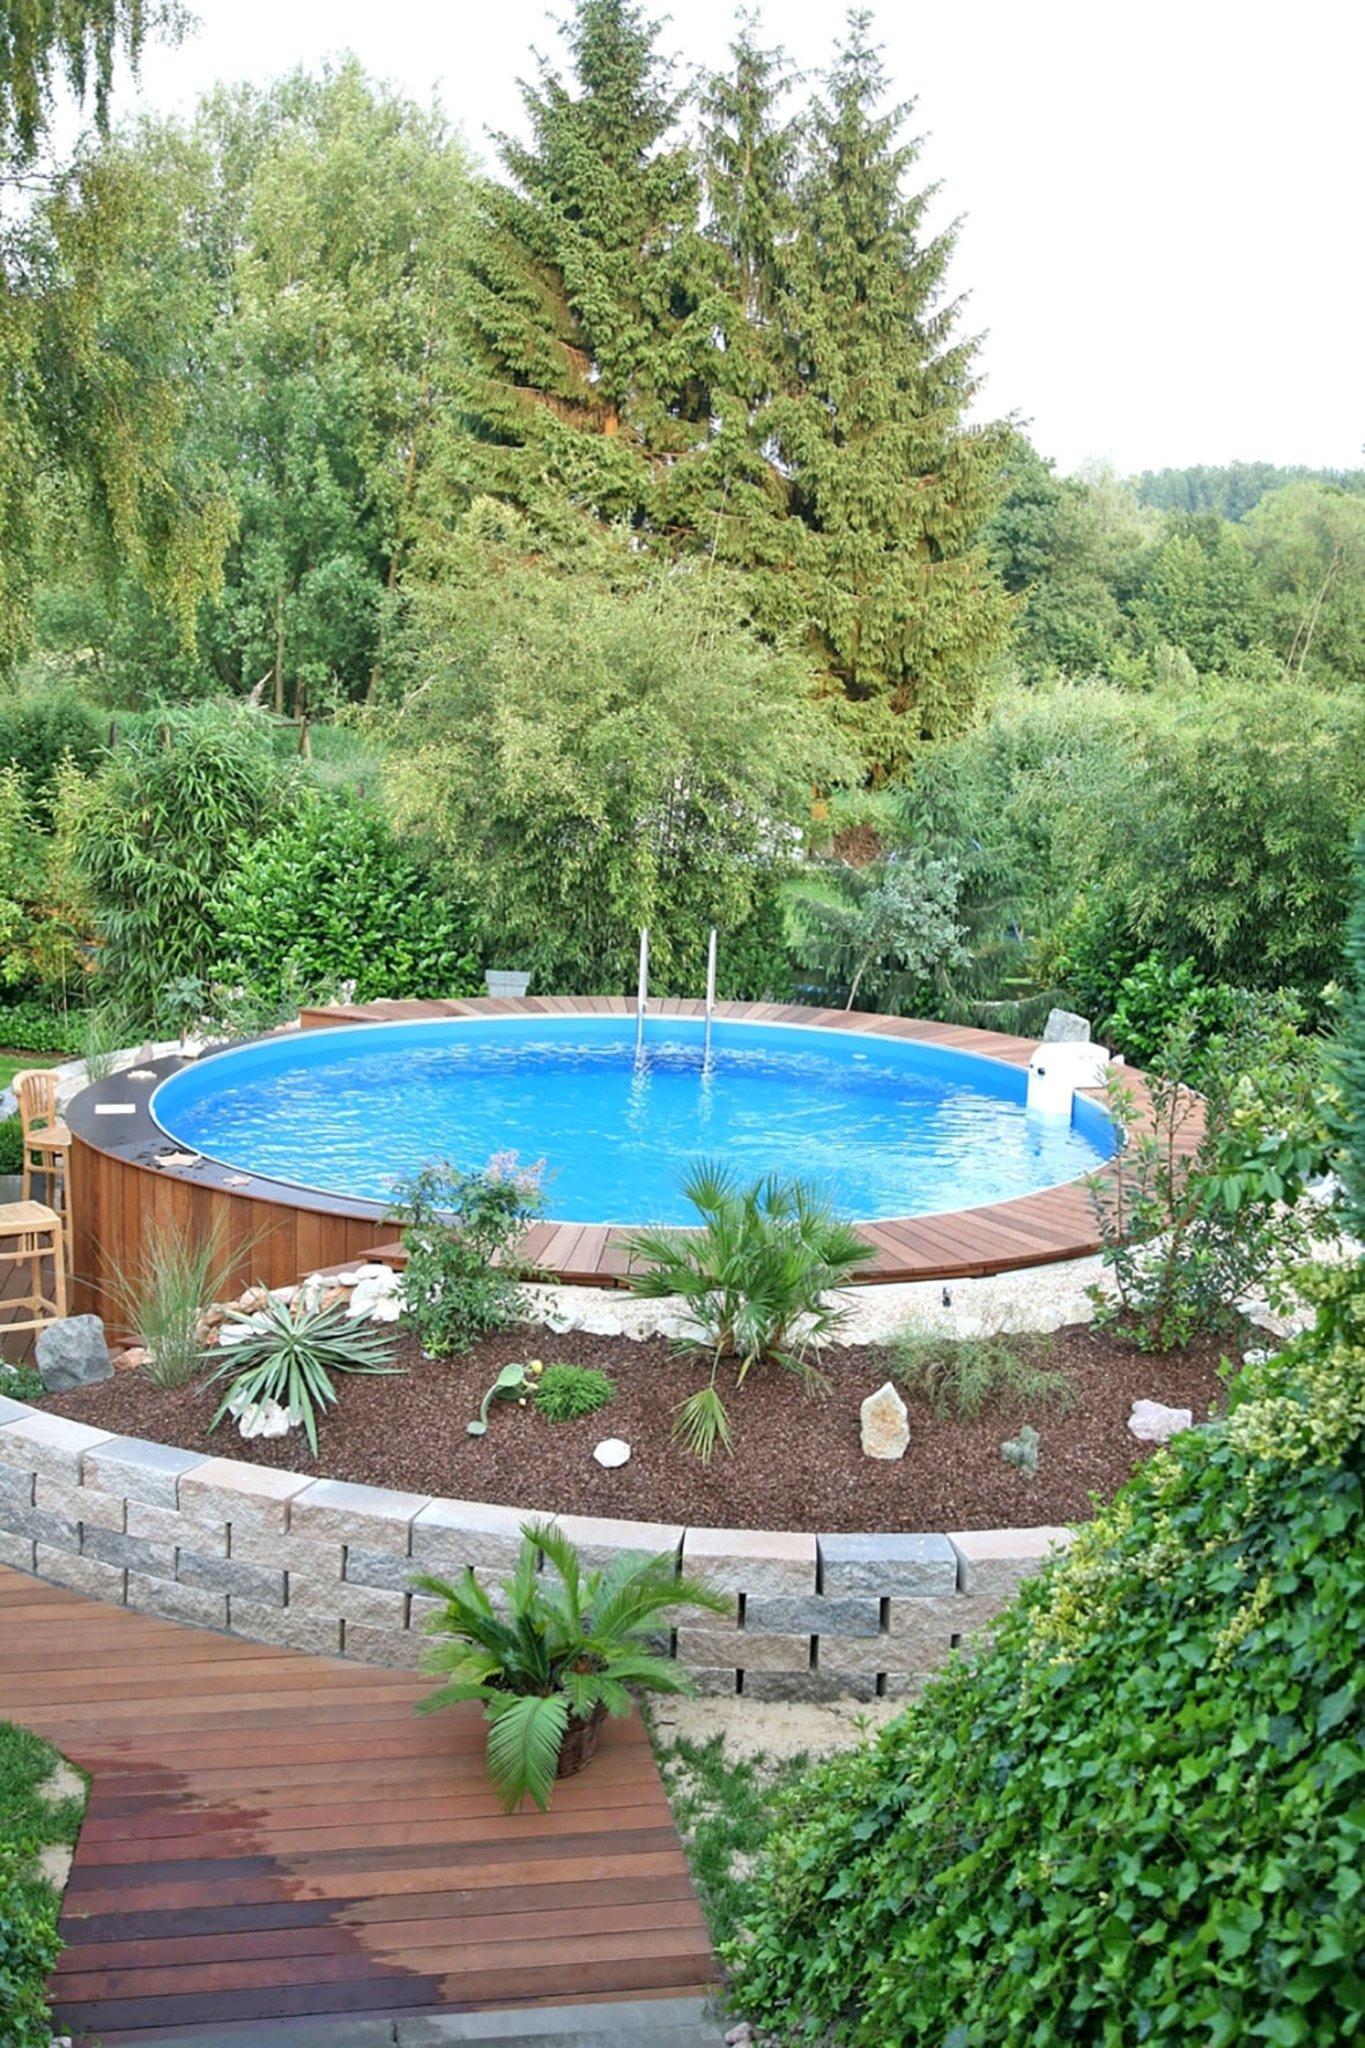 Full Size of Schwimmingpool Für Den Garten Kleiner Pool Groes Vergngen Bretten Loungemöbel Günstig Wellnesshotels Baden Württemberg Trennwand Dusche Bodengleich Garten Schwimmingpool Für Den Garten